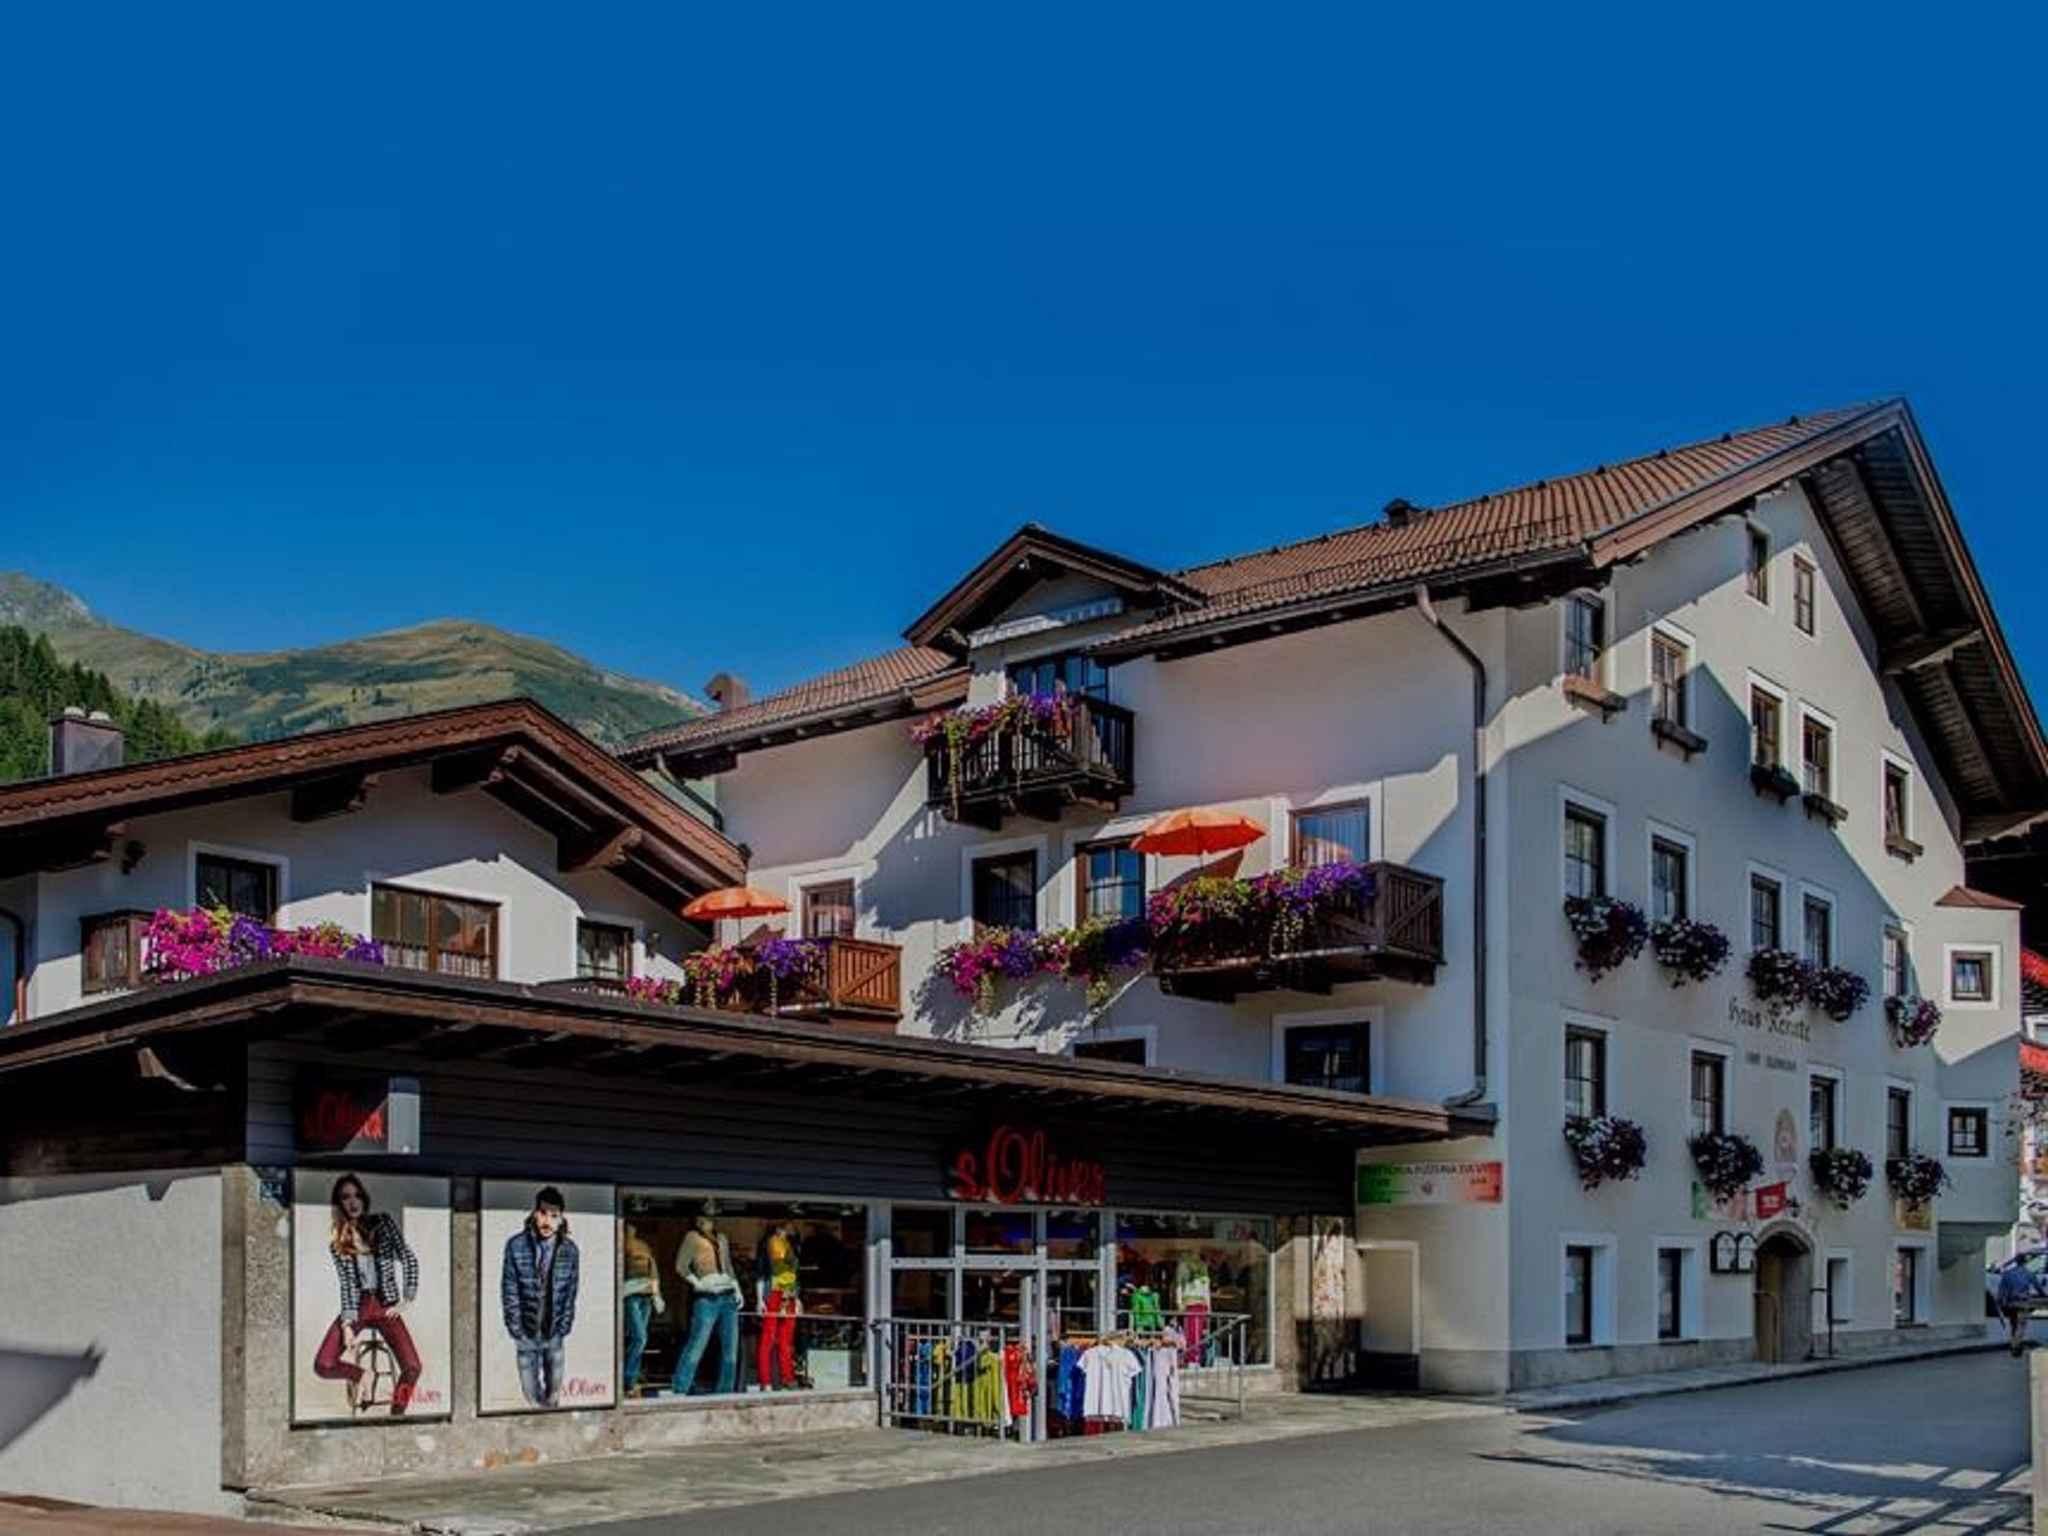 Ferienwohnung im Ortszentrum  in Österreich